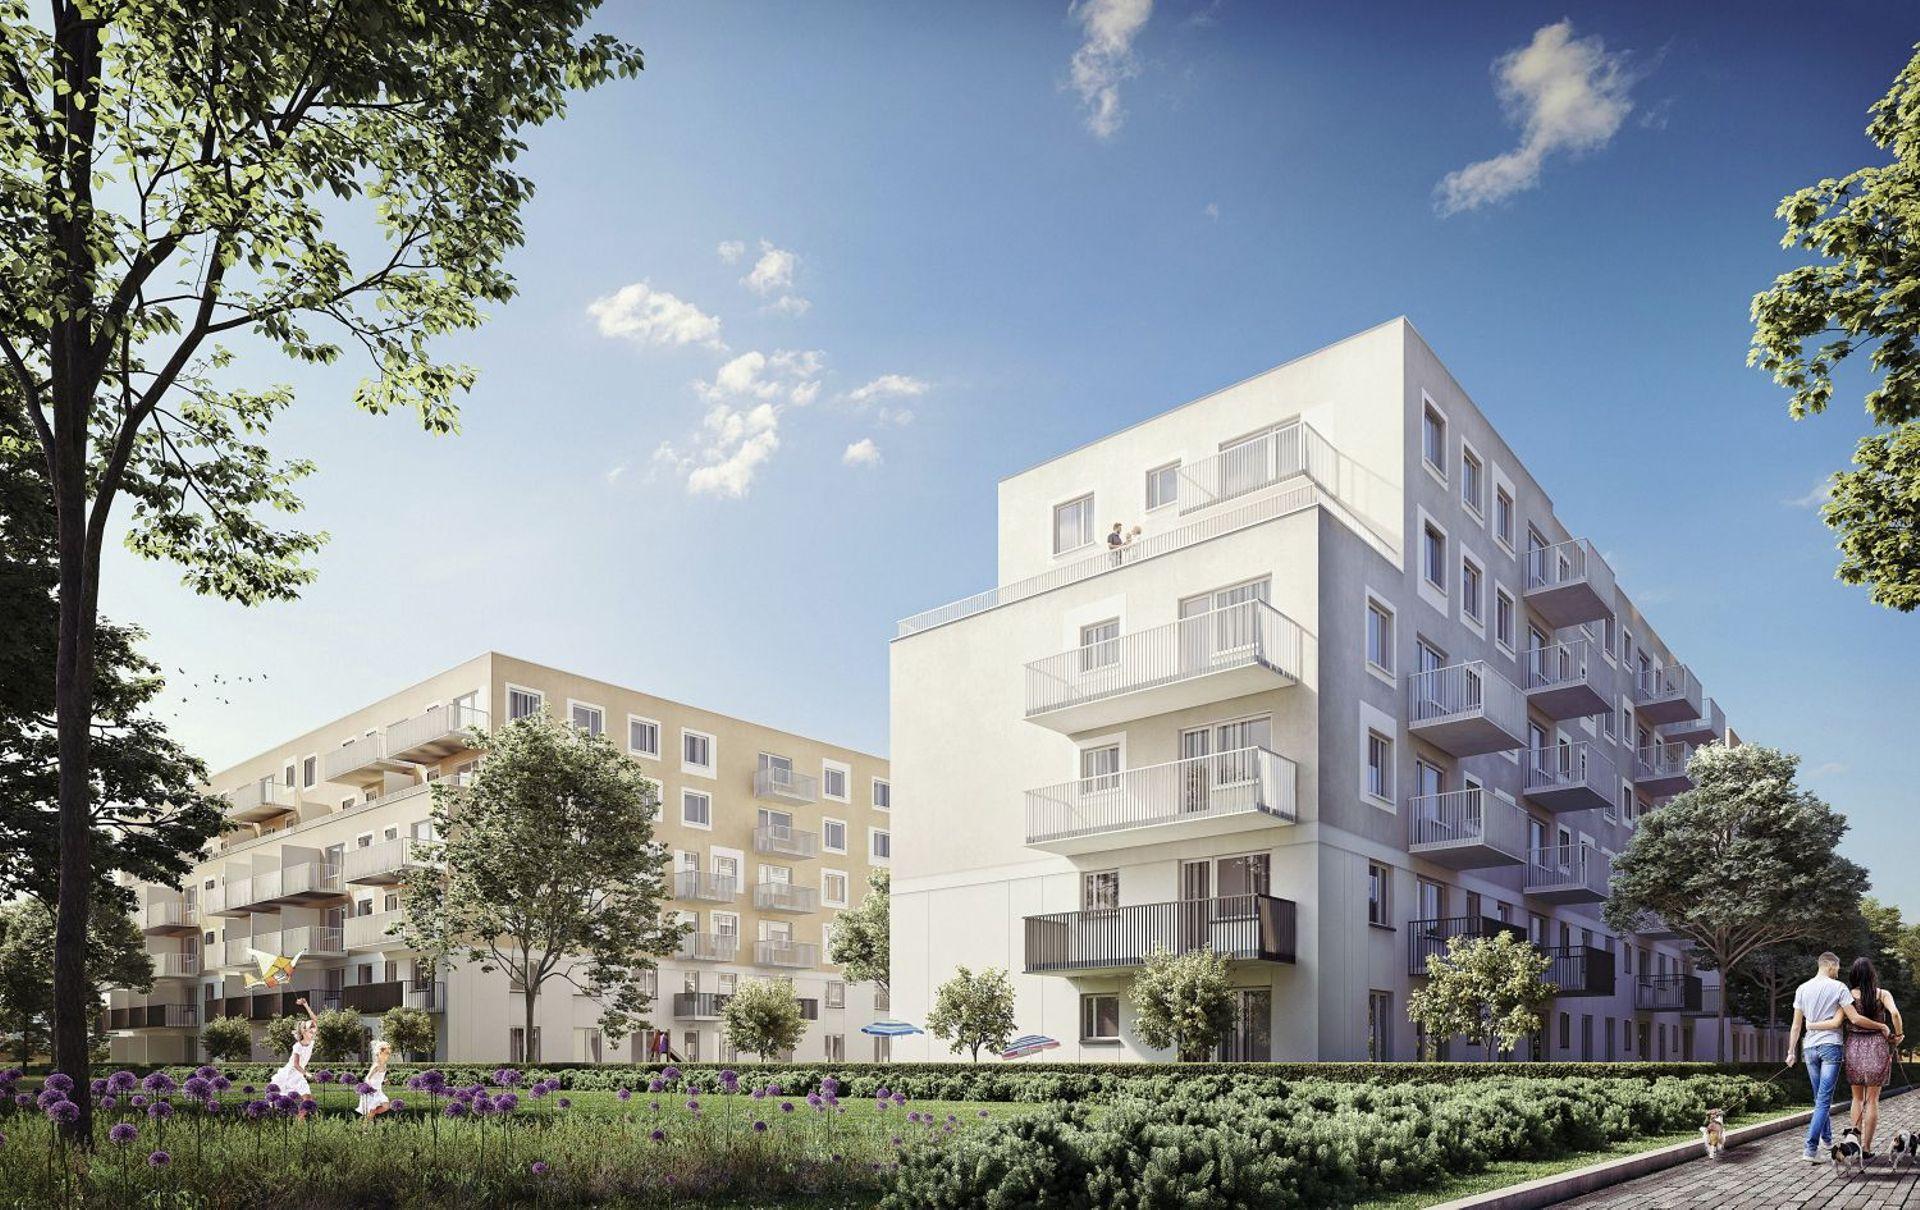 [Warszawa] Ruszyła budowa osiedla przy ul. Marywilskiej w Warszawie